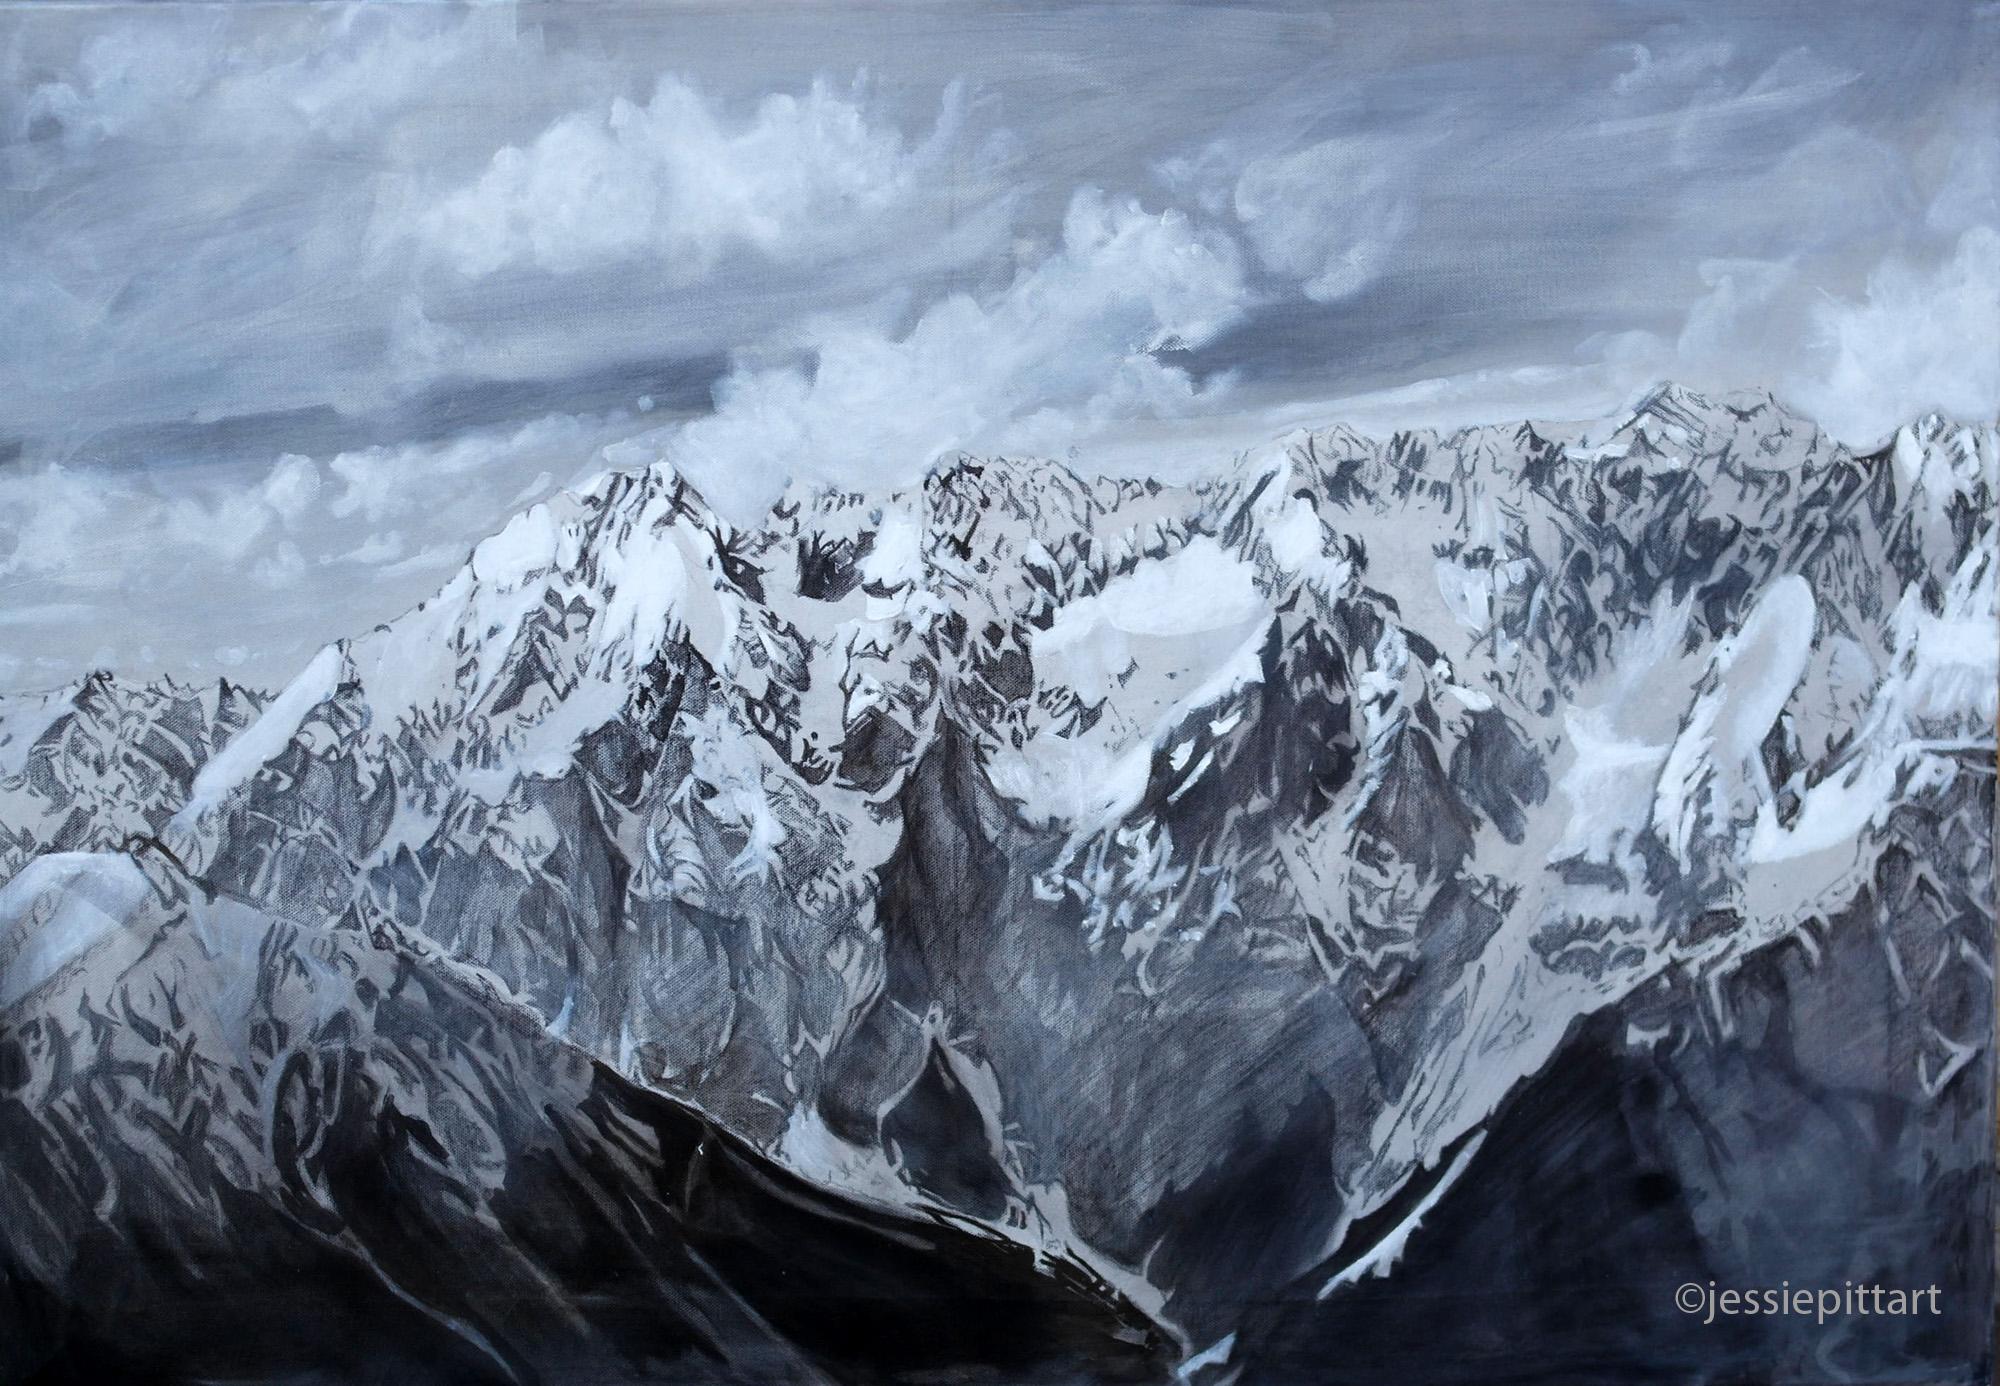 Jessie Pitt, mountain paintings, paint, mountains, Ötztal, Jessie Pitt Art